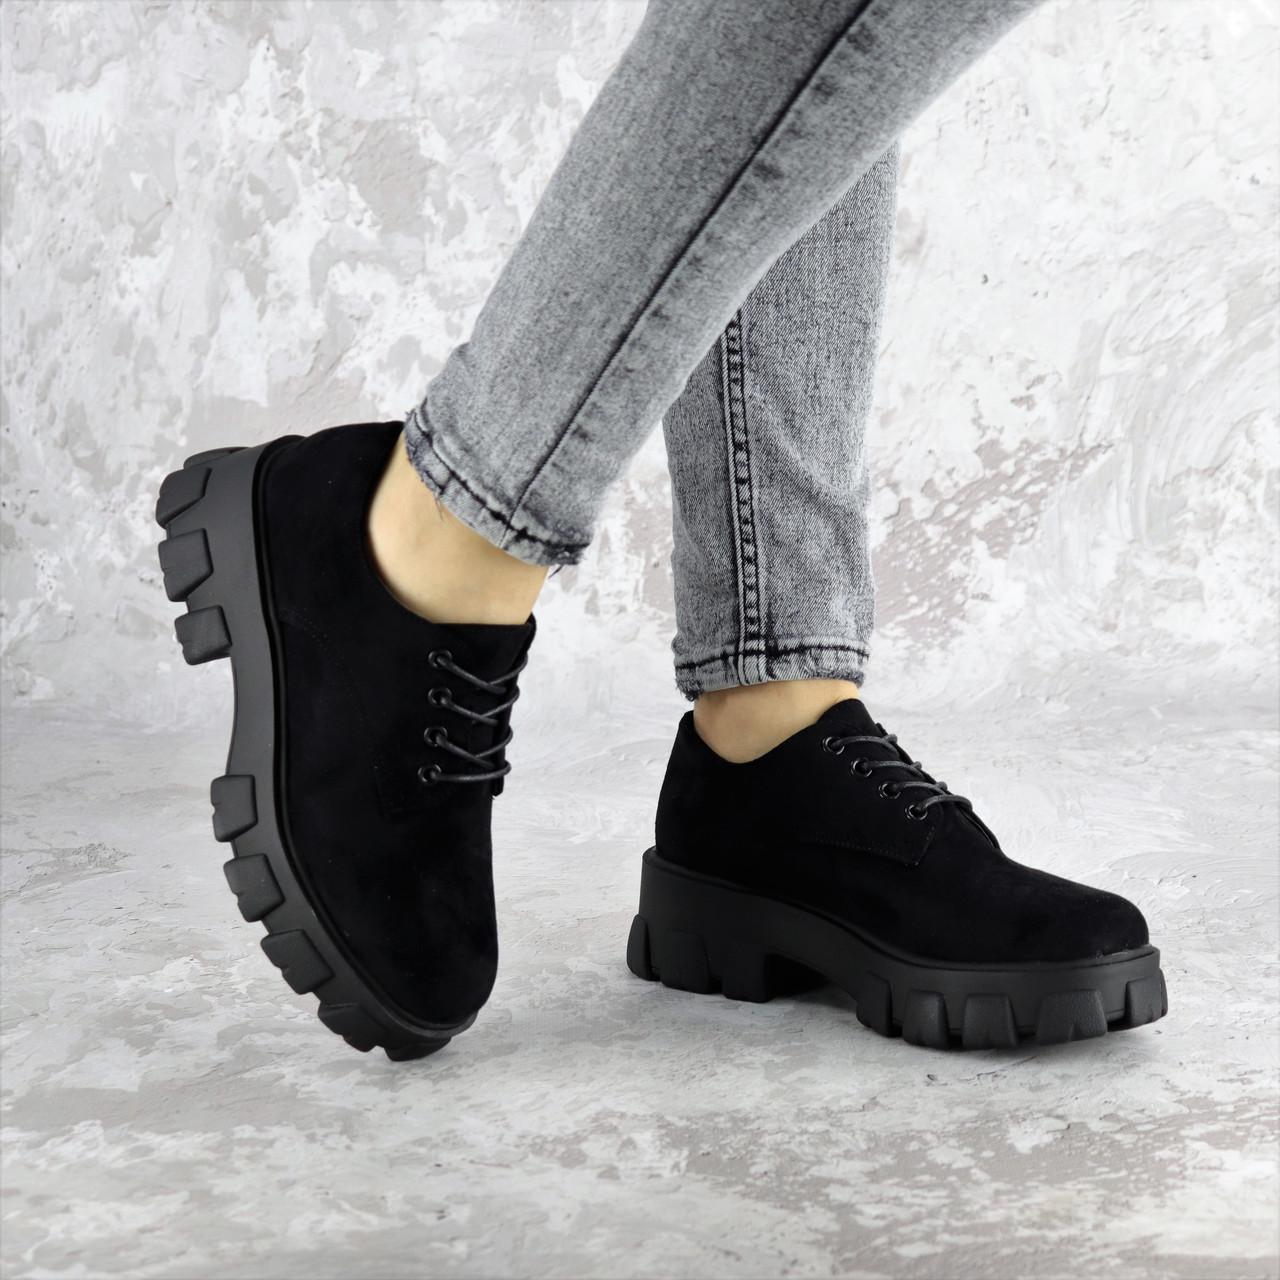 Туфли женские Fashion Chomper 2340 36 размер 23,5 см Черный